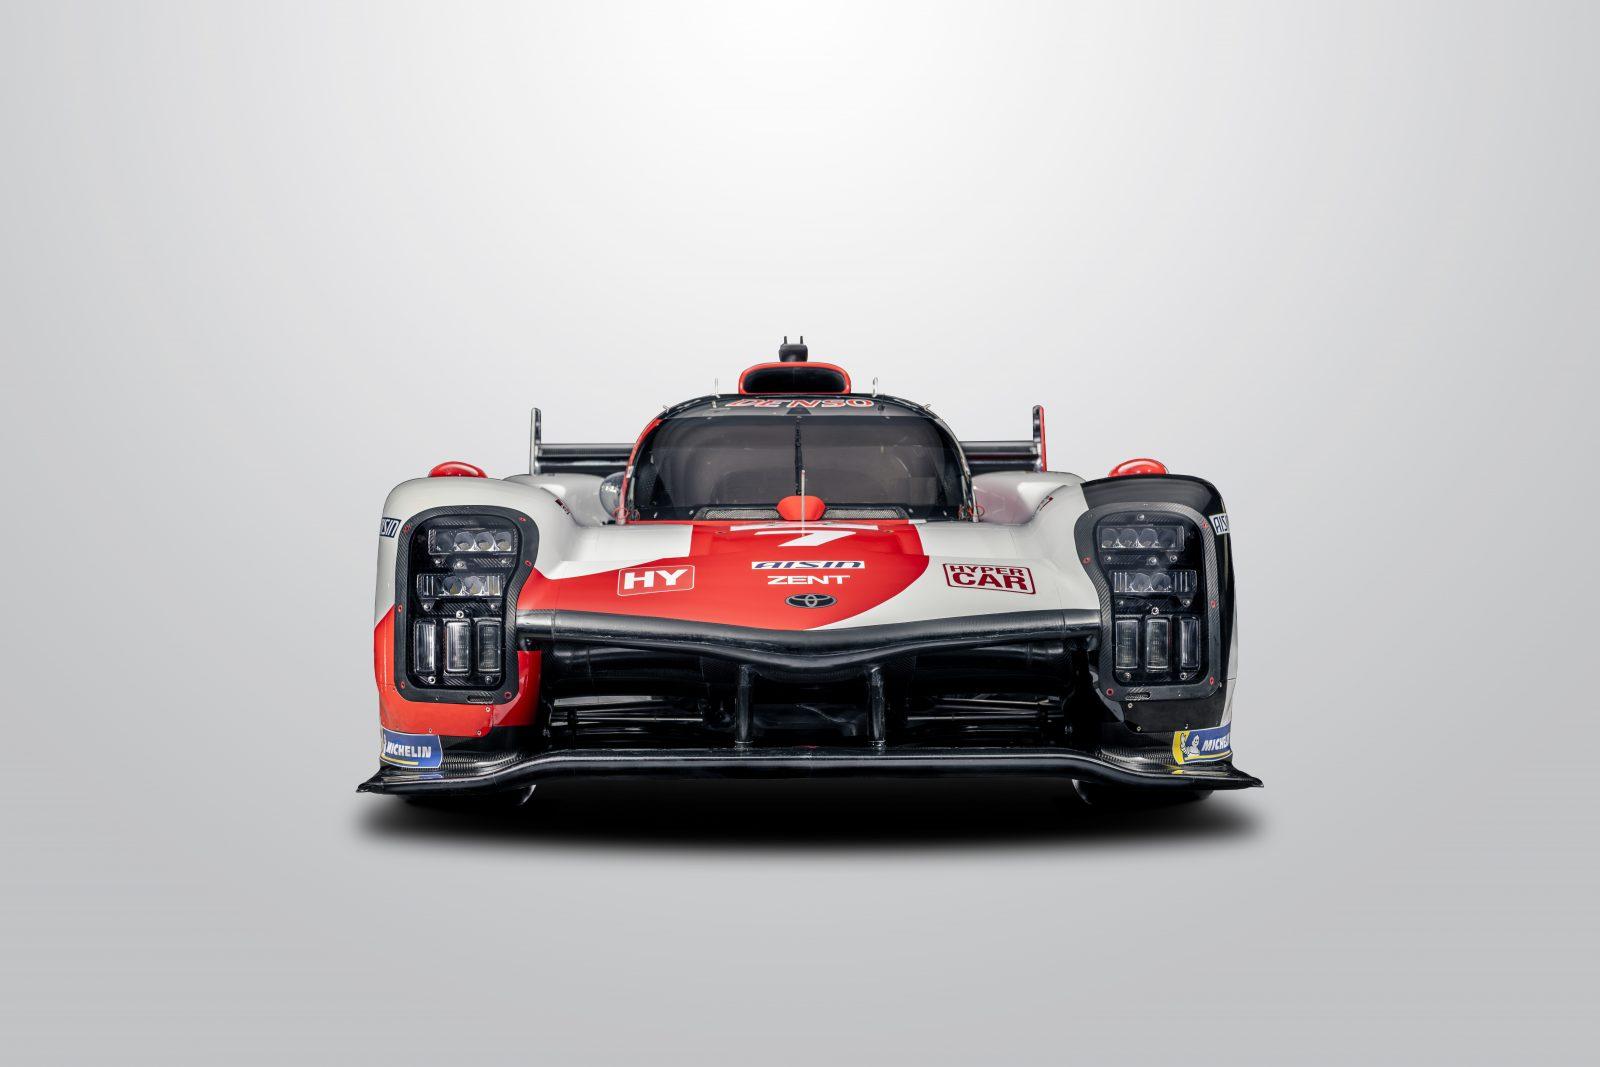 GR010 Hybrid front